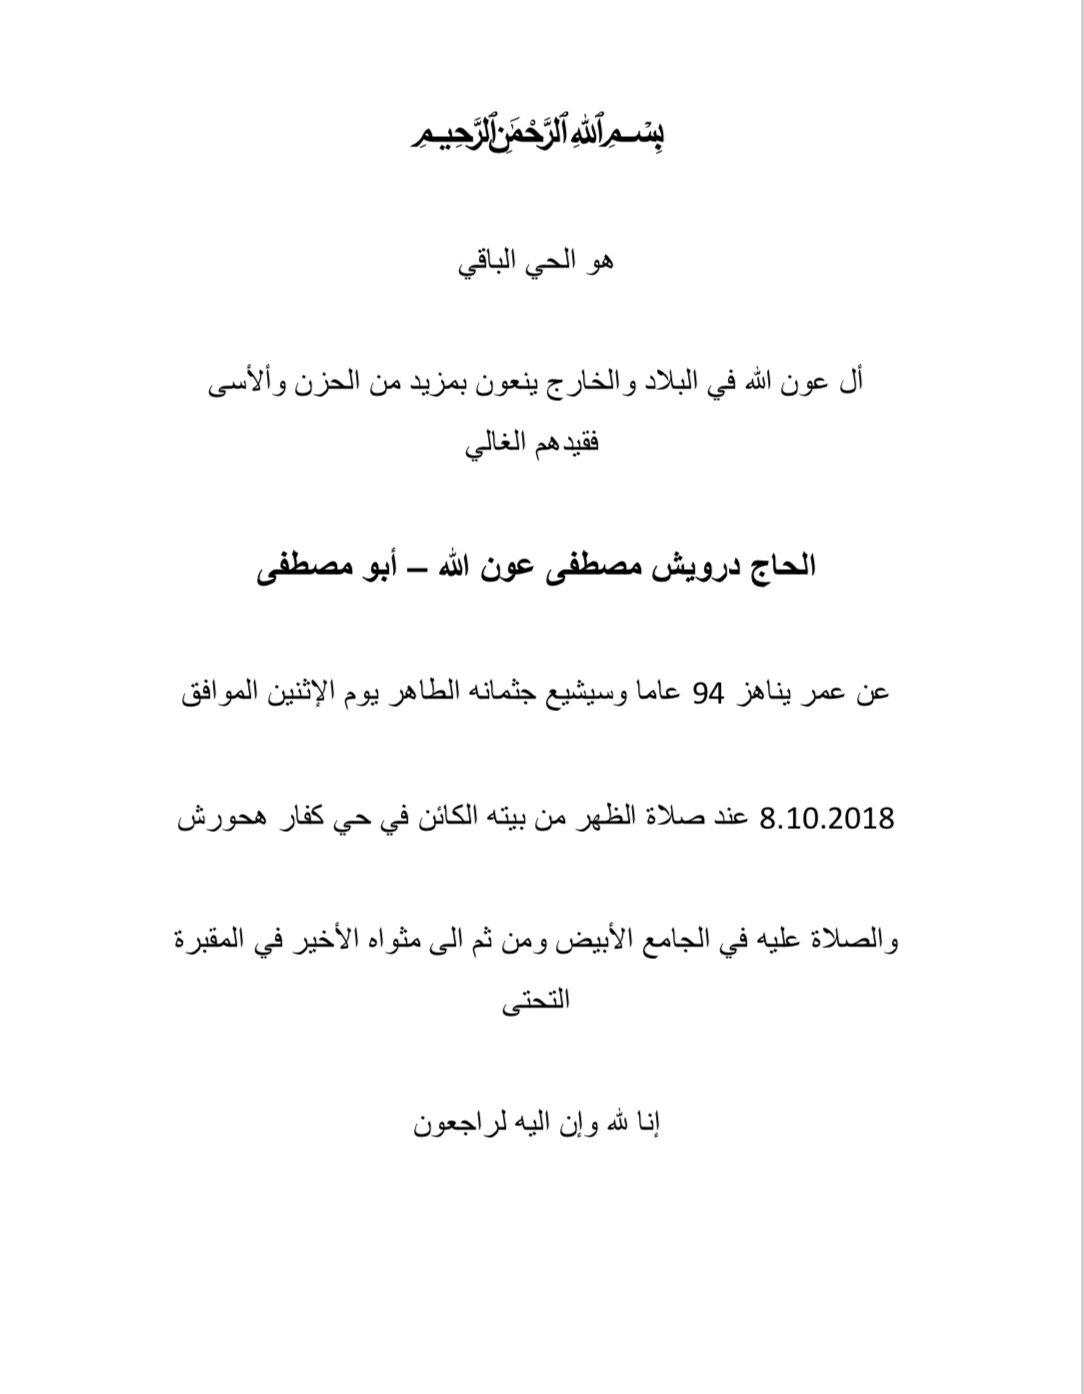 الناصرة: الموت يغيب الحاج درويش مصطفى عون الله